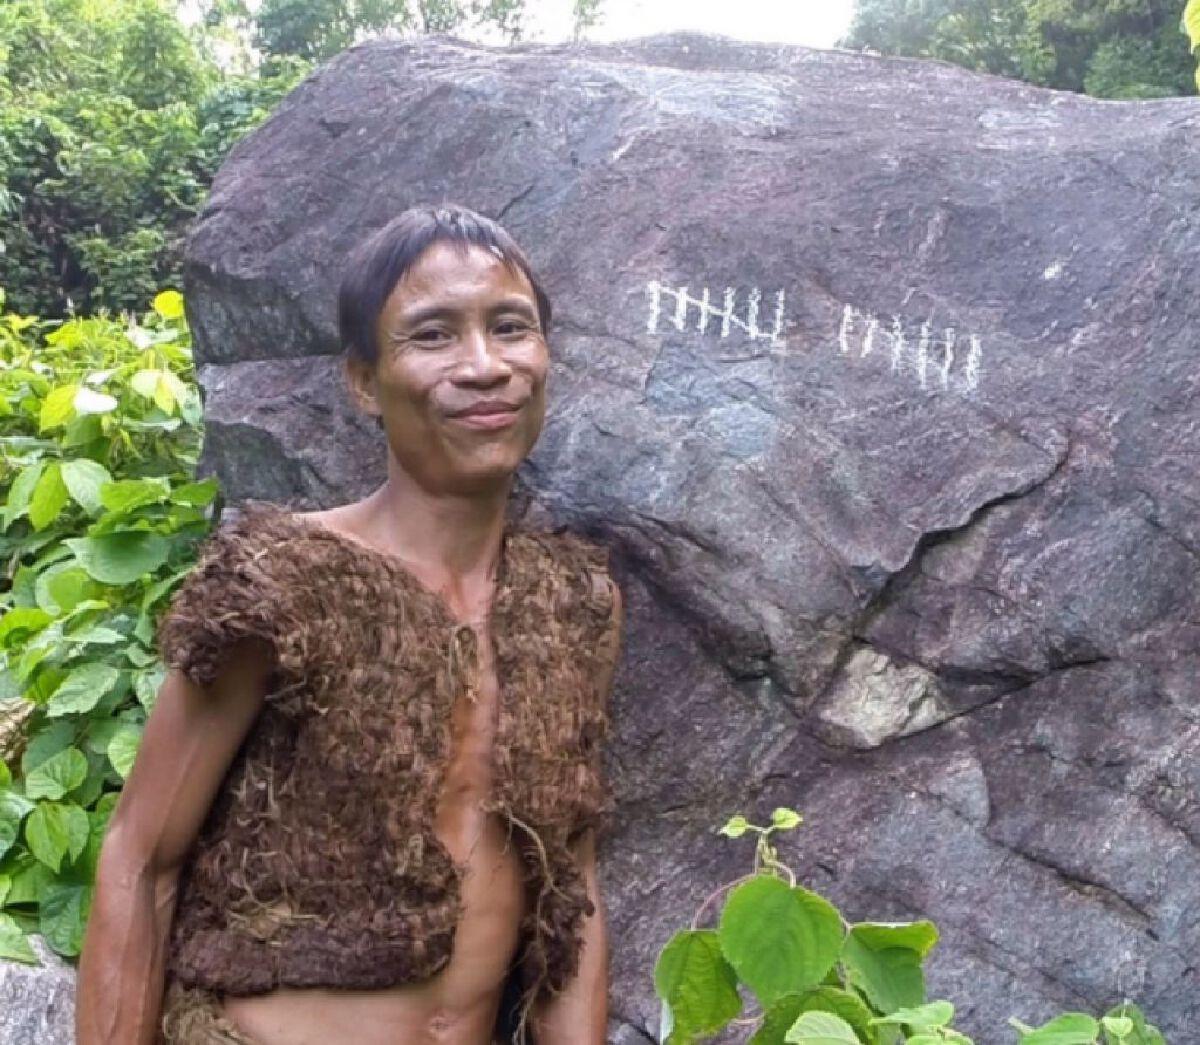 โฮ หวั่น ลัง ชายชาวเวียดนามที่ถูกเรียกขานว่าเป็น ทาร์ซานตัวจริง